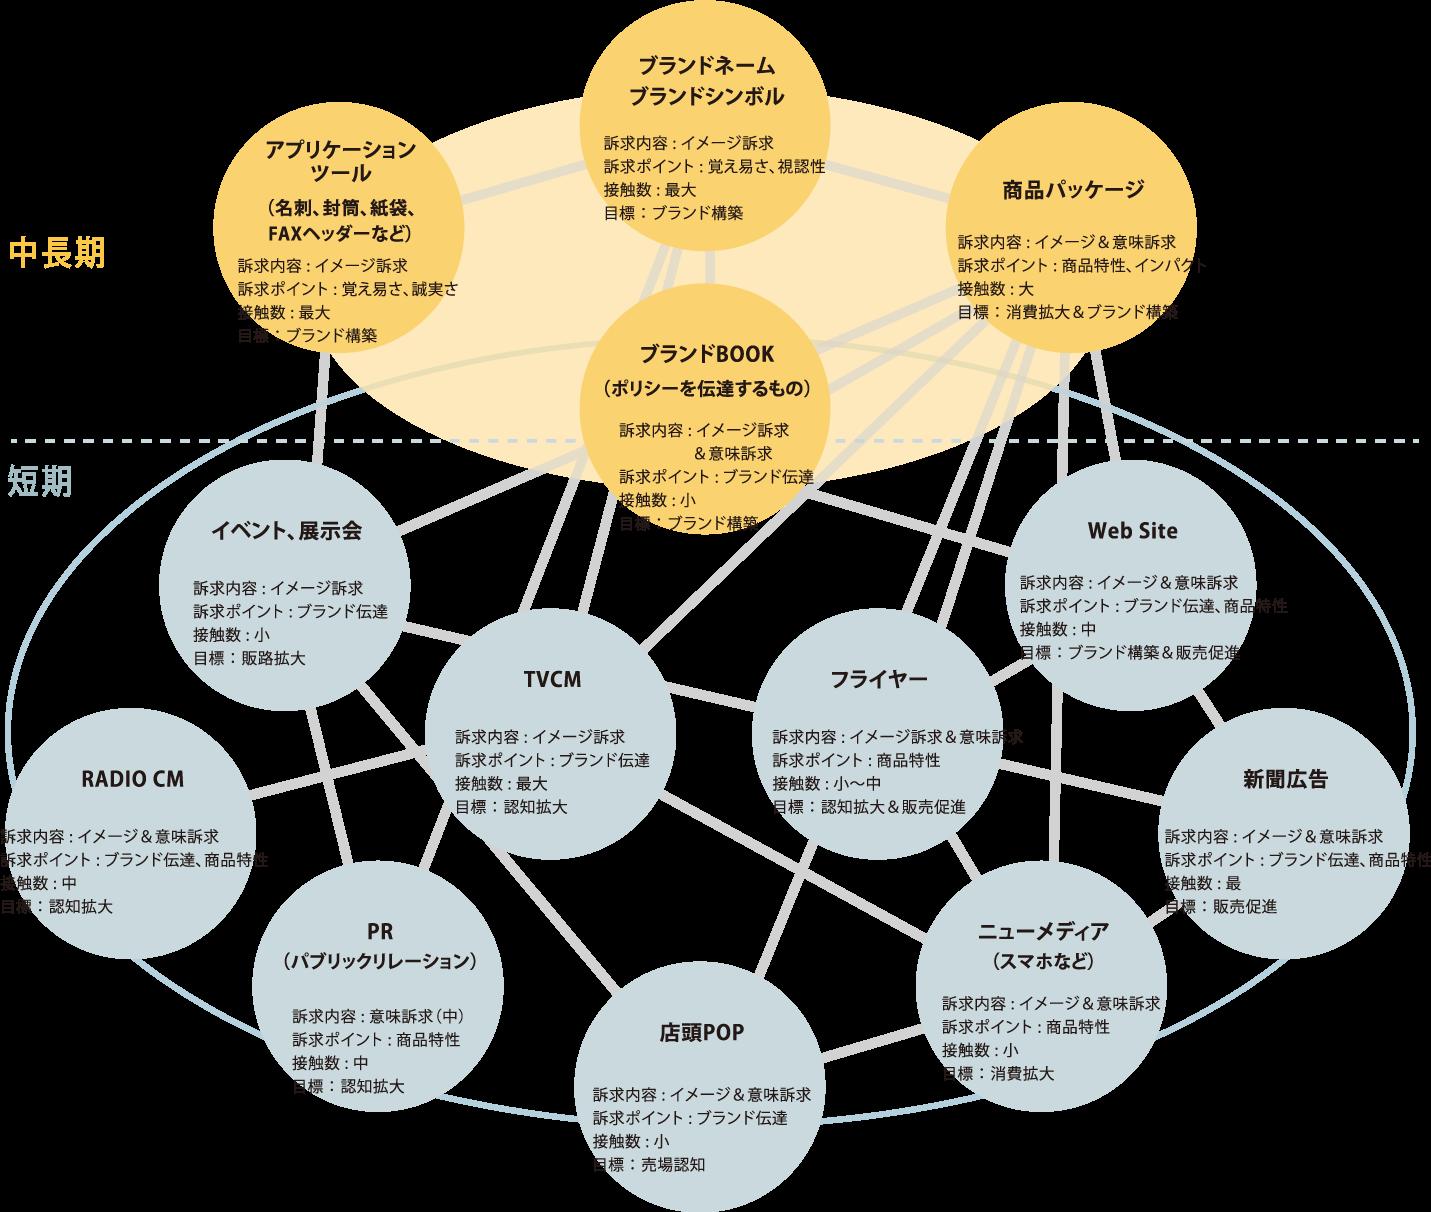 主なメディアやツールの特性の図